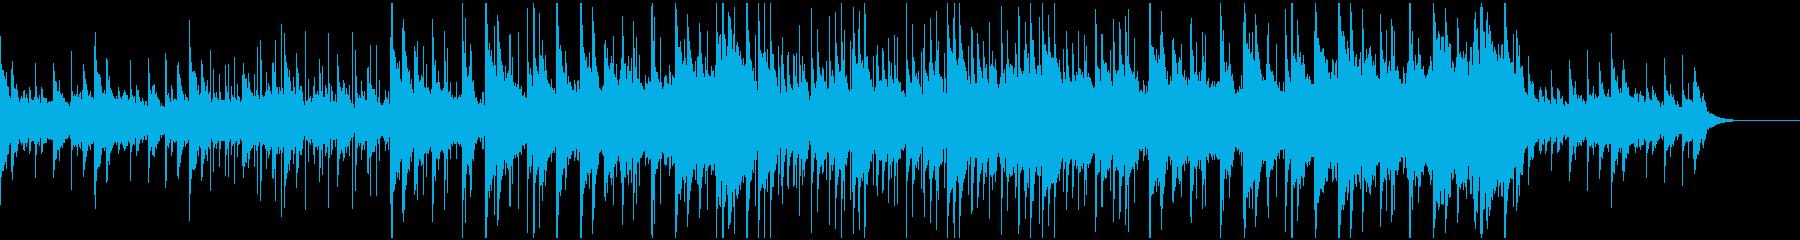 遺跡をイメージしたBGMの再生済みの波形